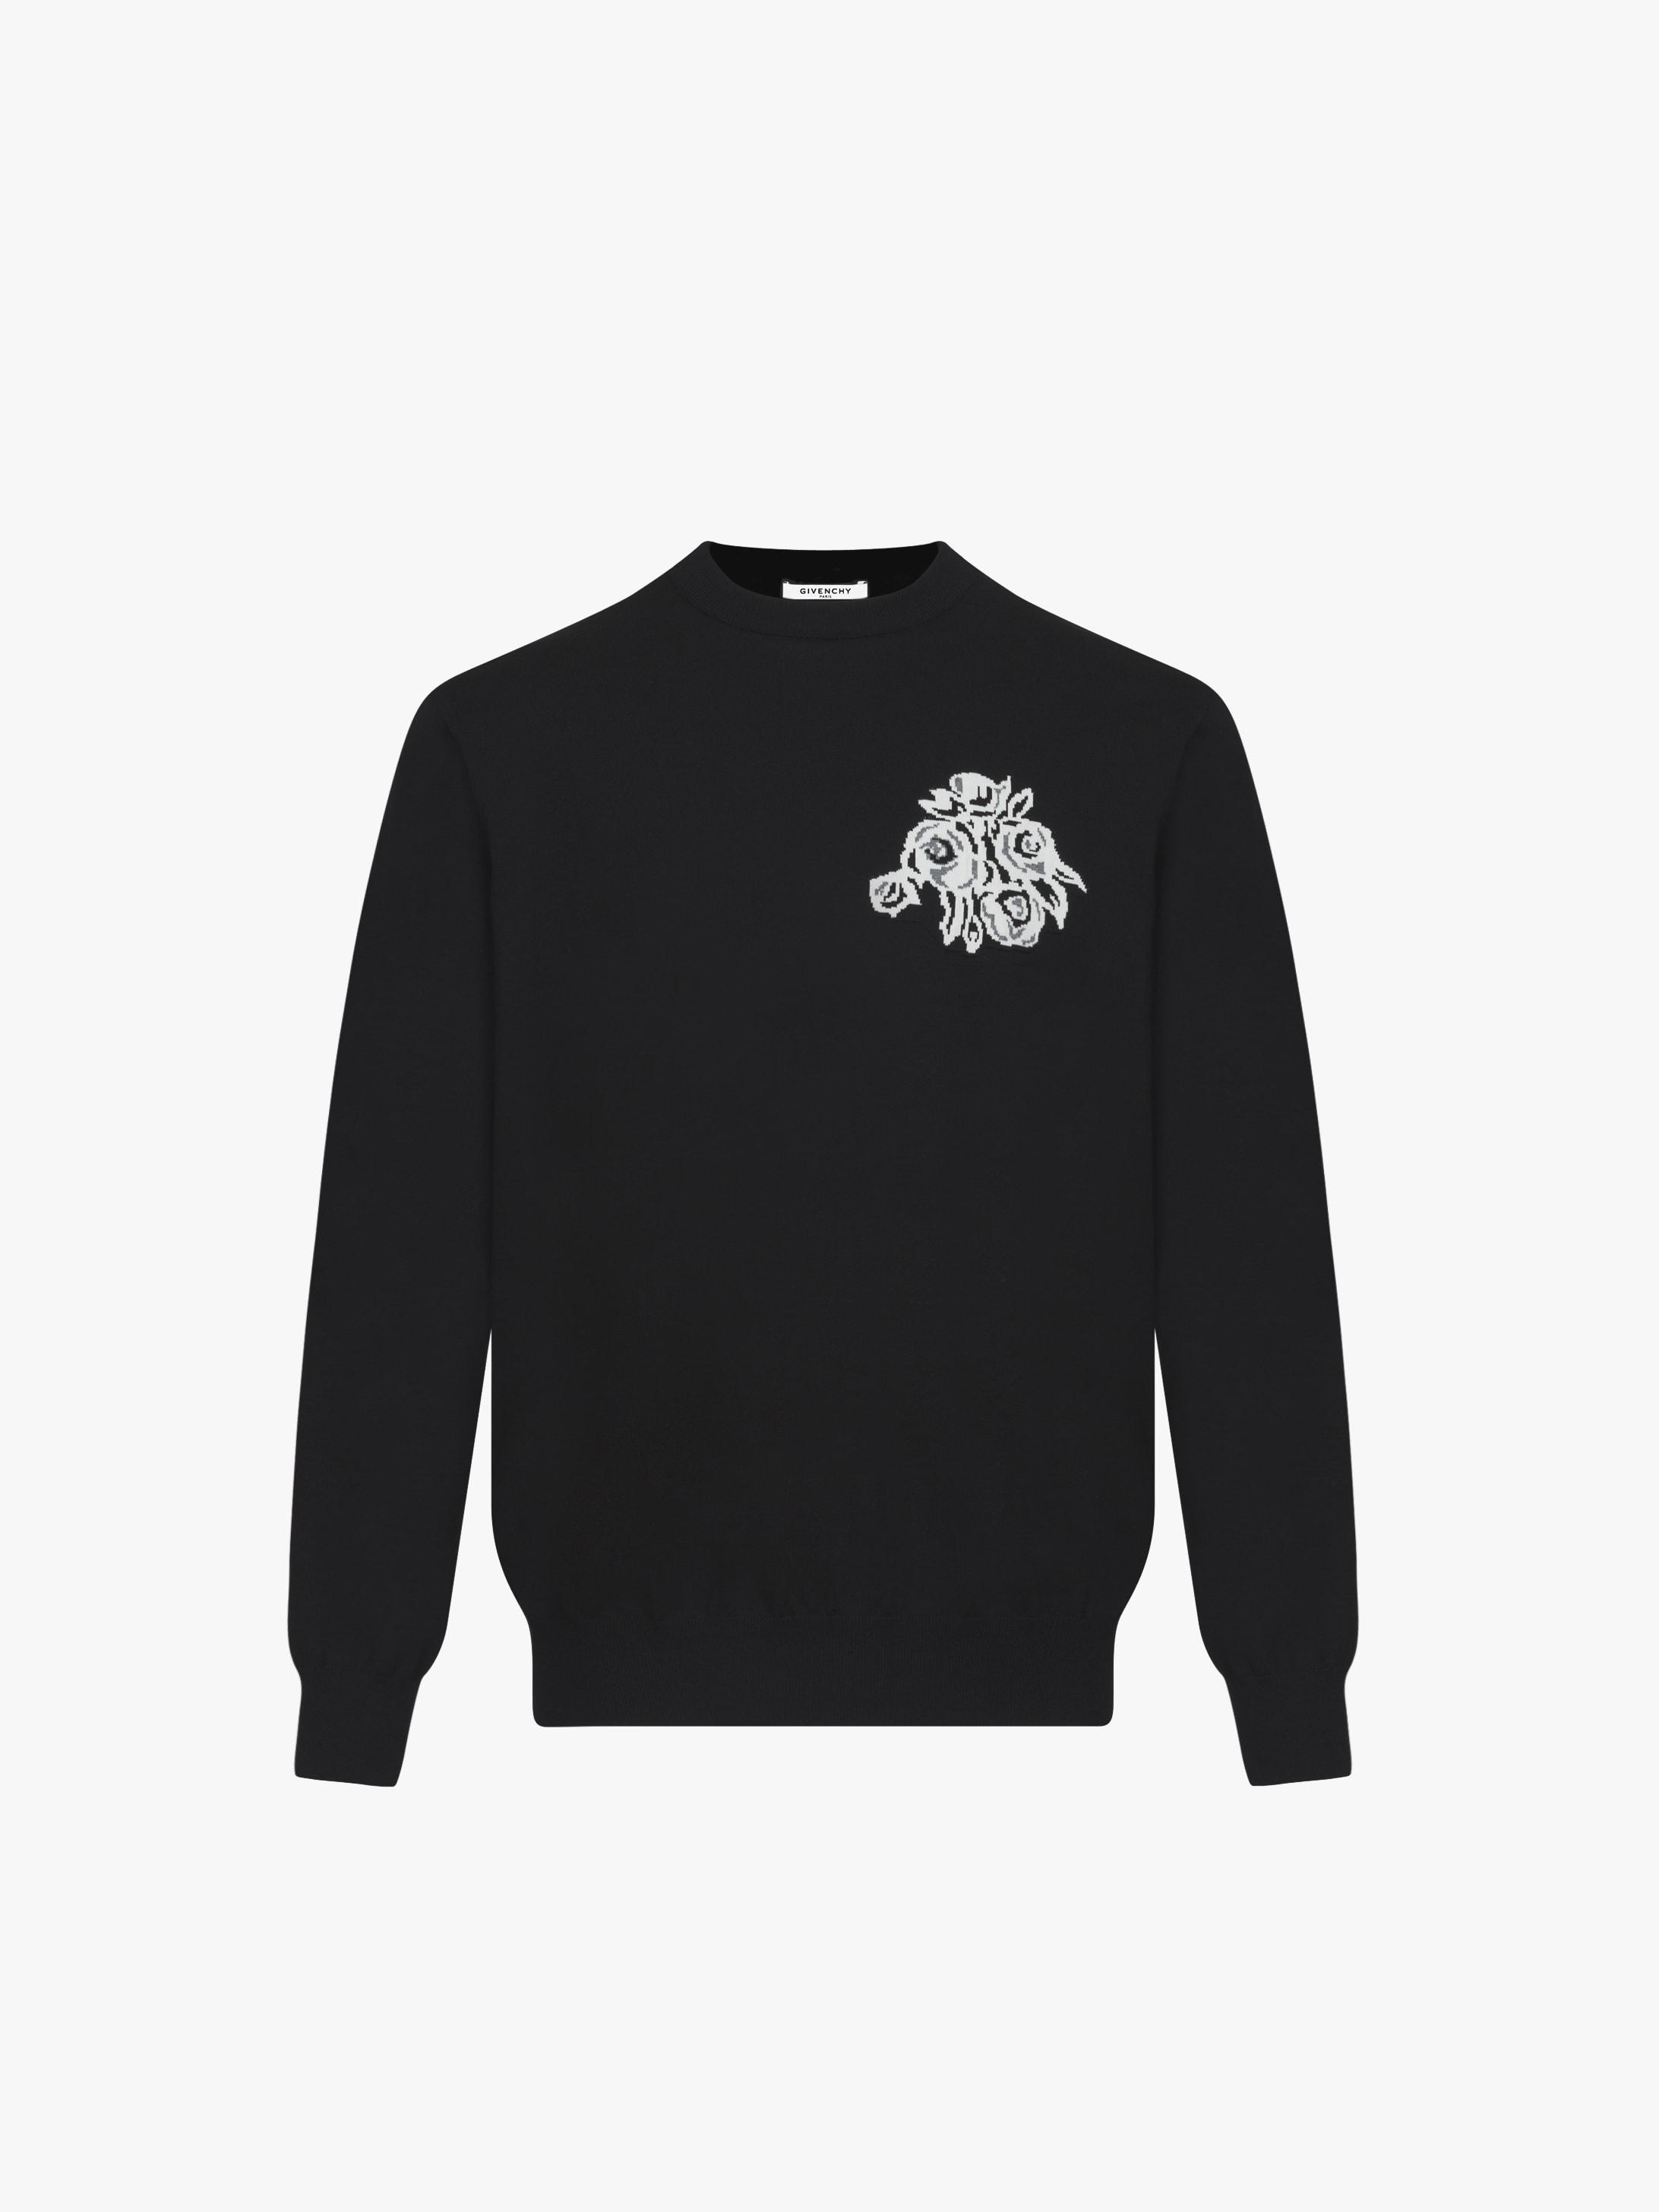 Flower printed jumper